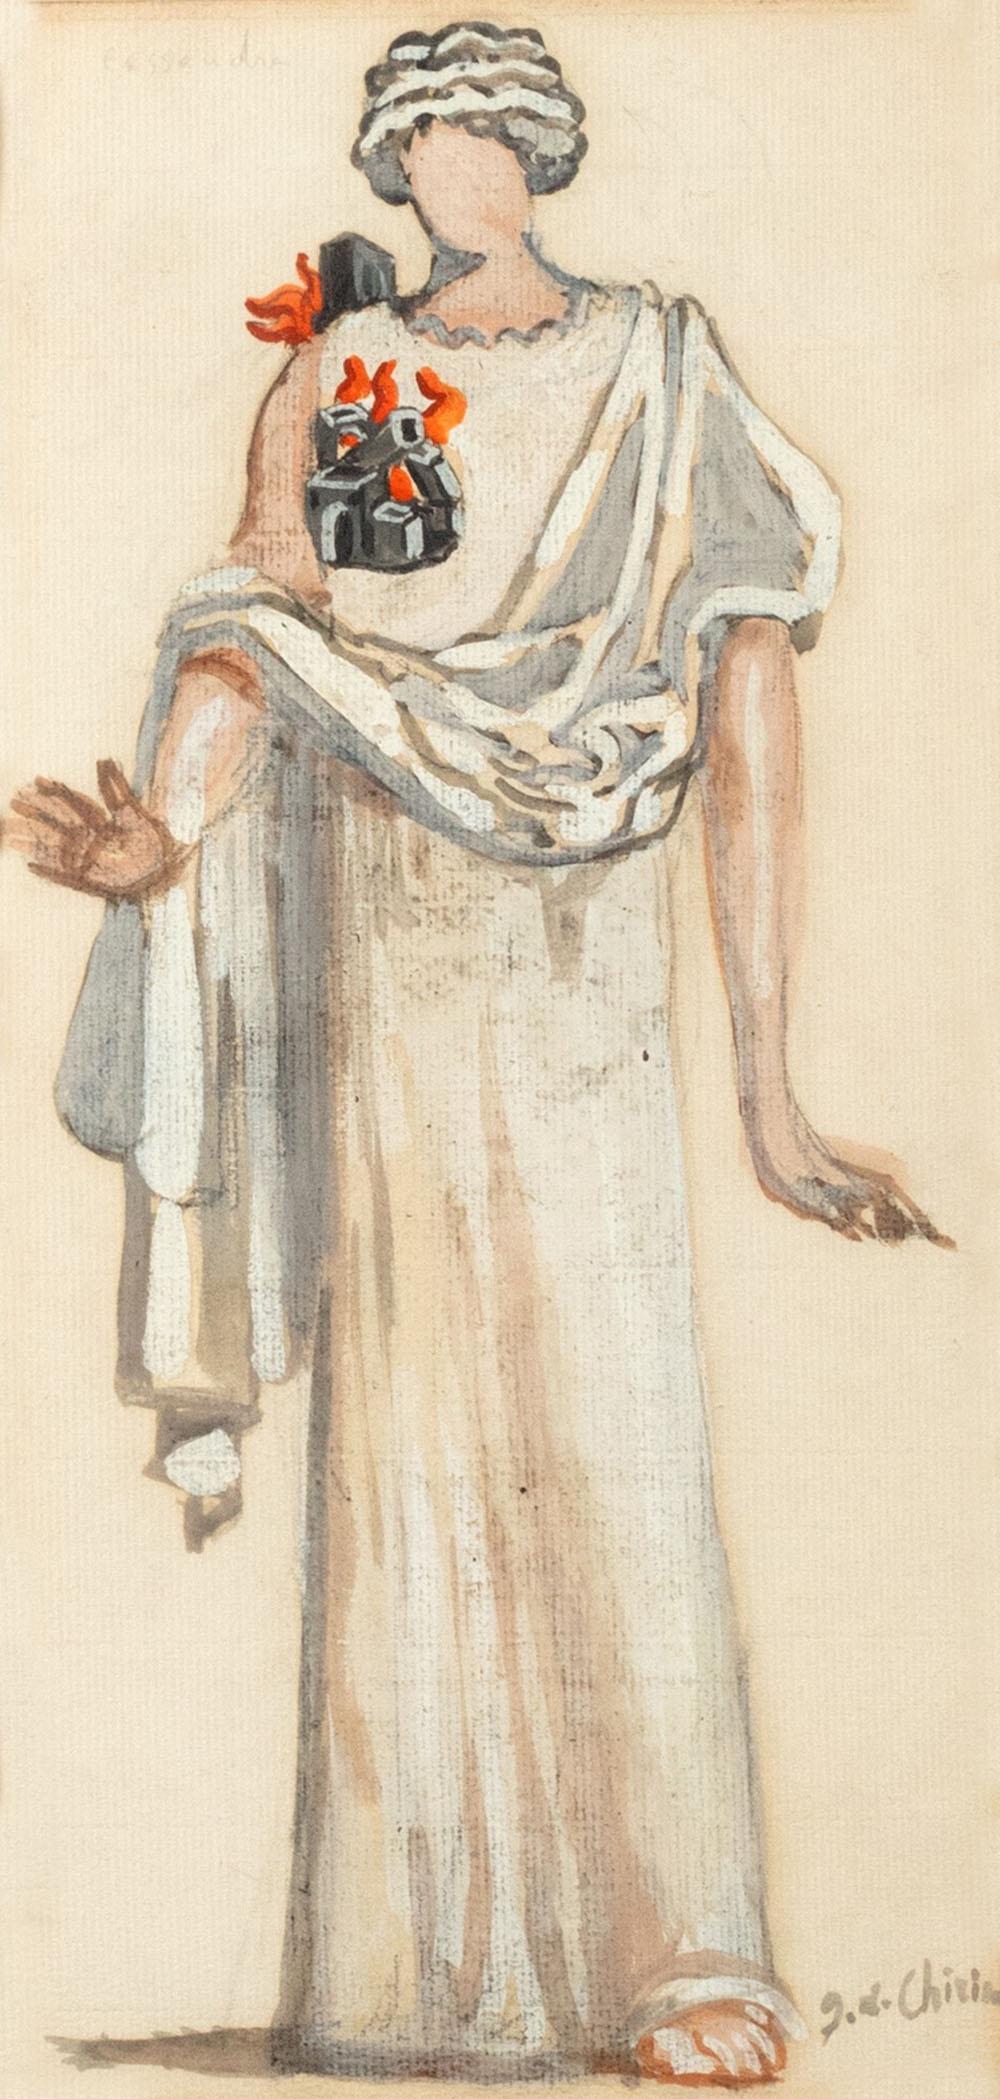 Giorgio de Chirico (Volos 1888-Roma 1978) - Cassandra, 1937